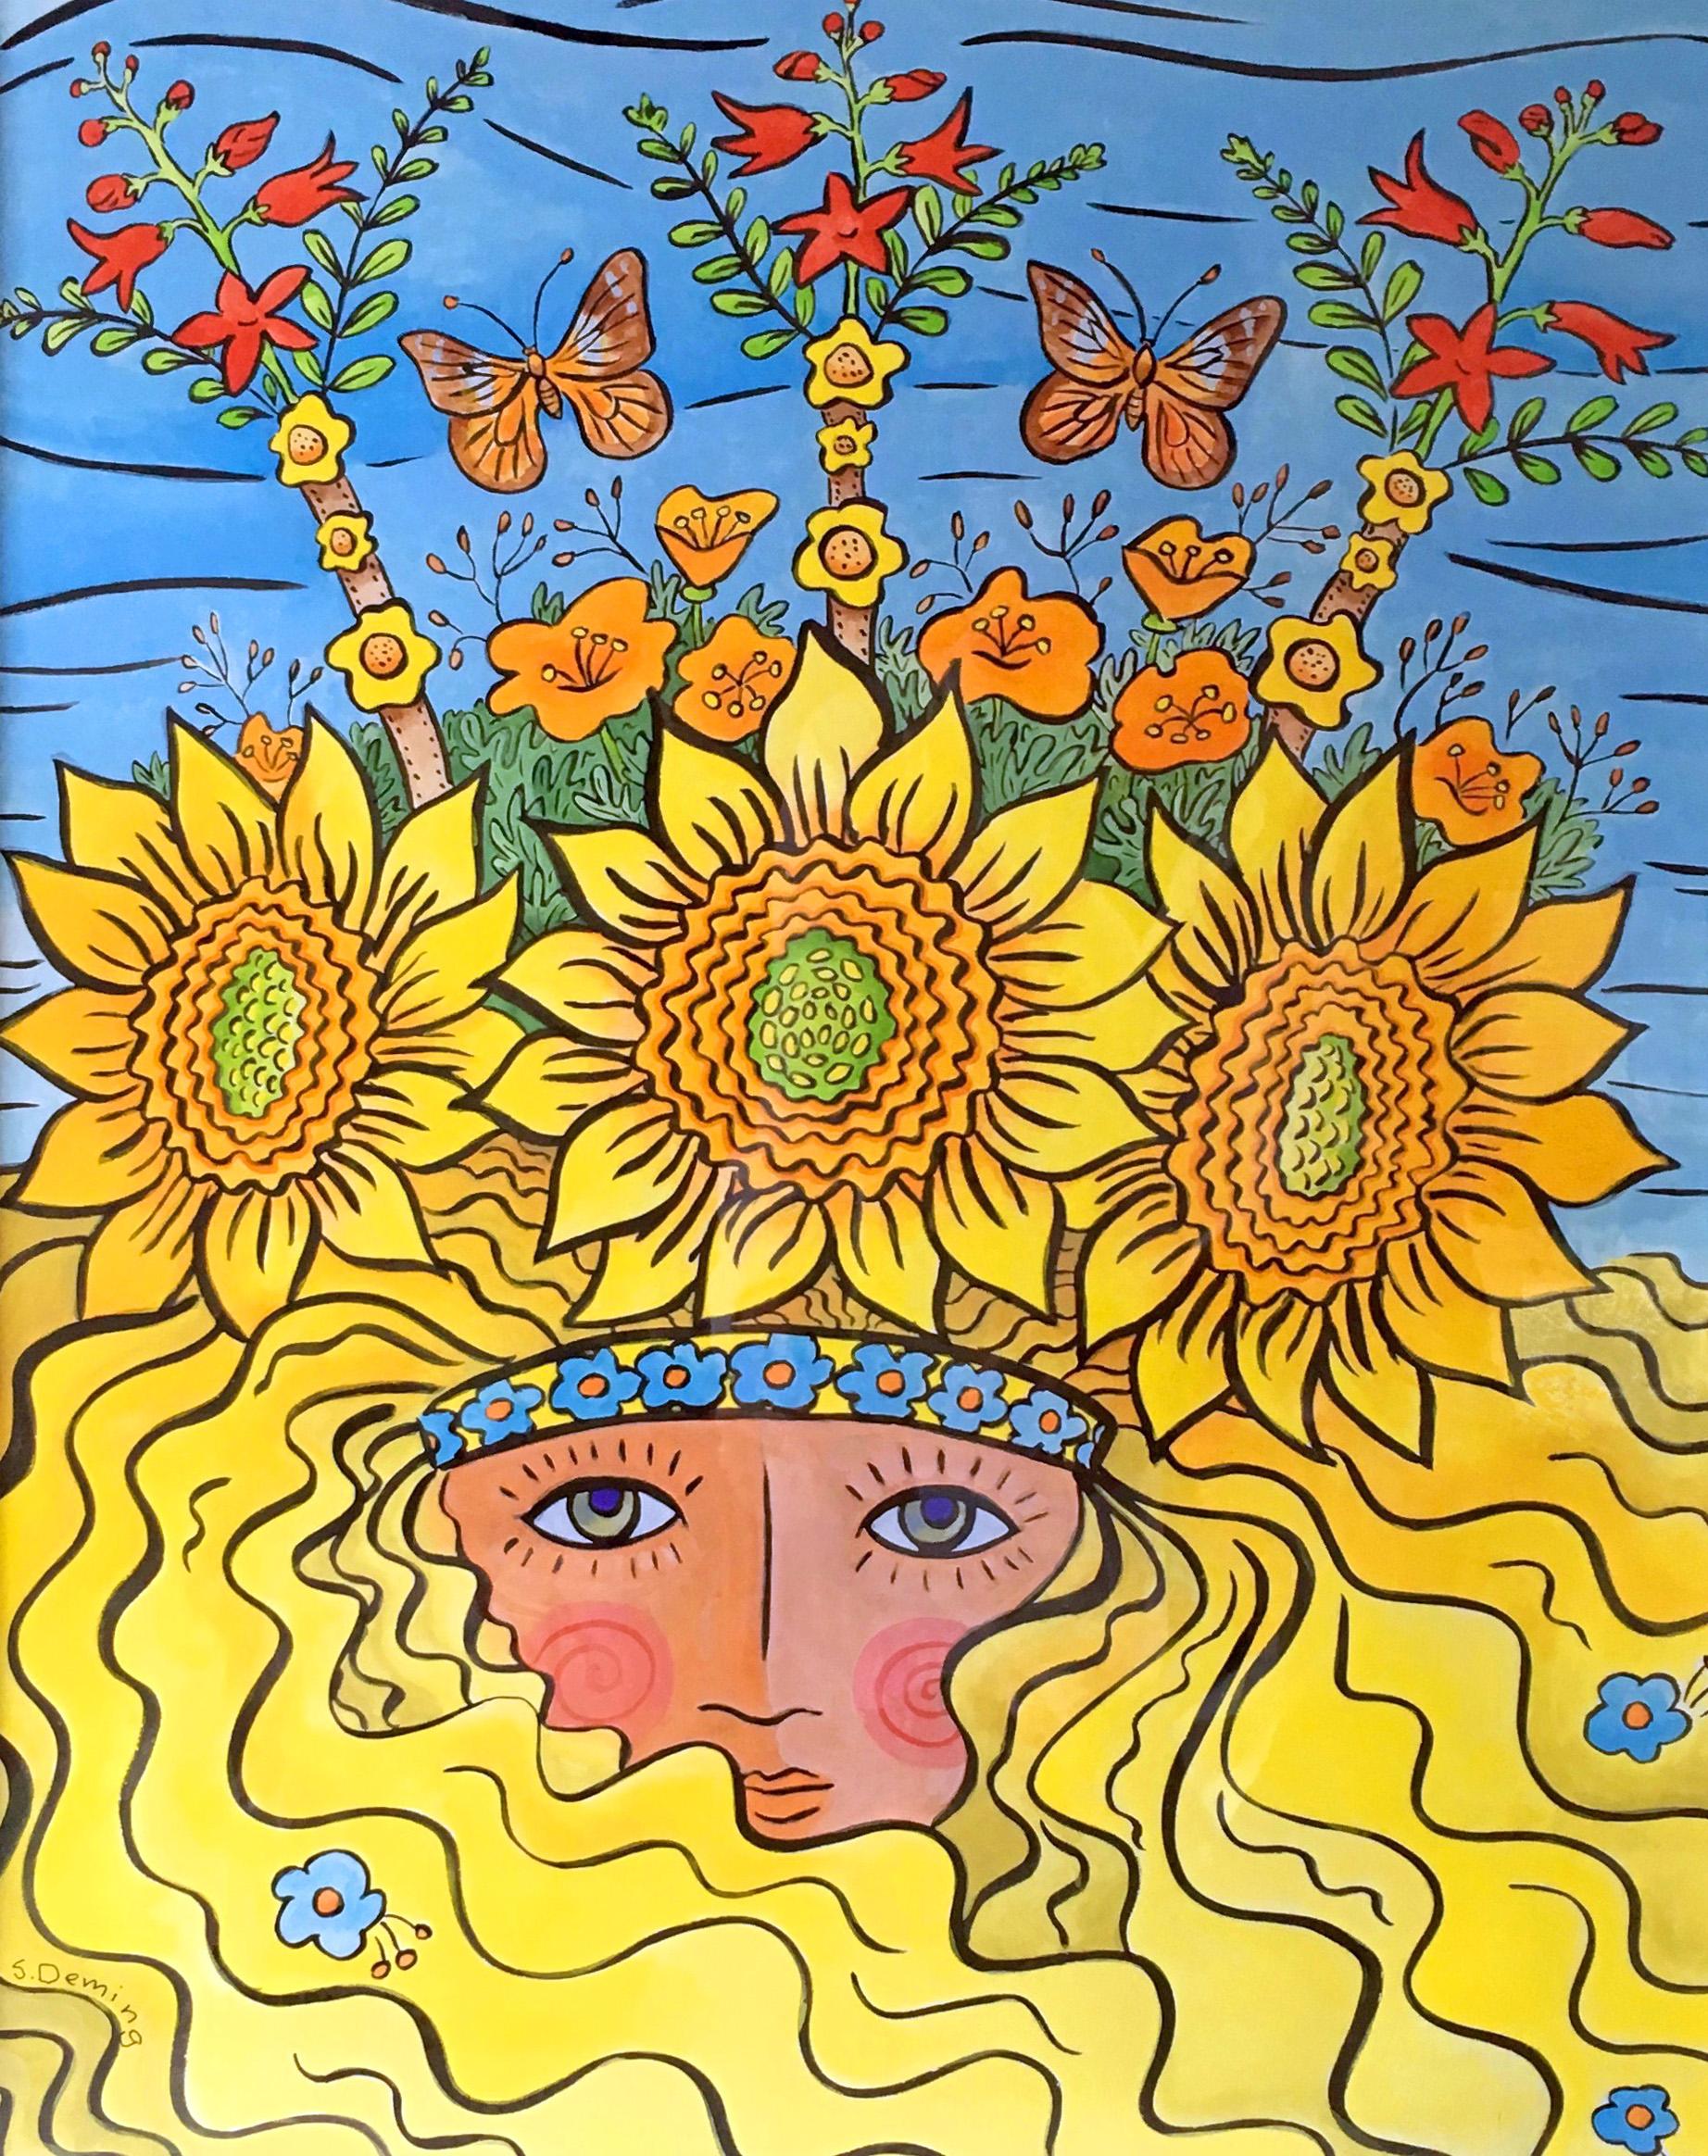 s.deming.flowerchild.jpg